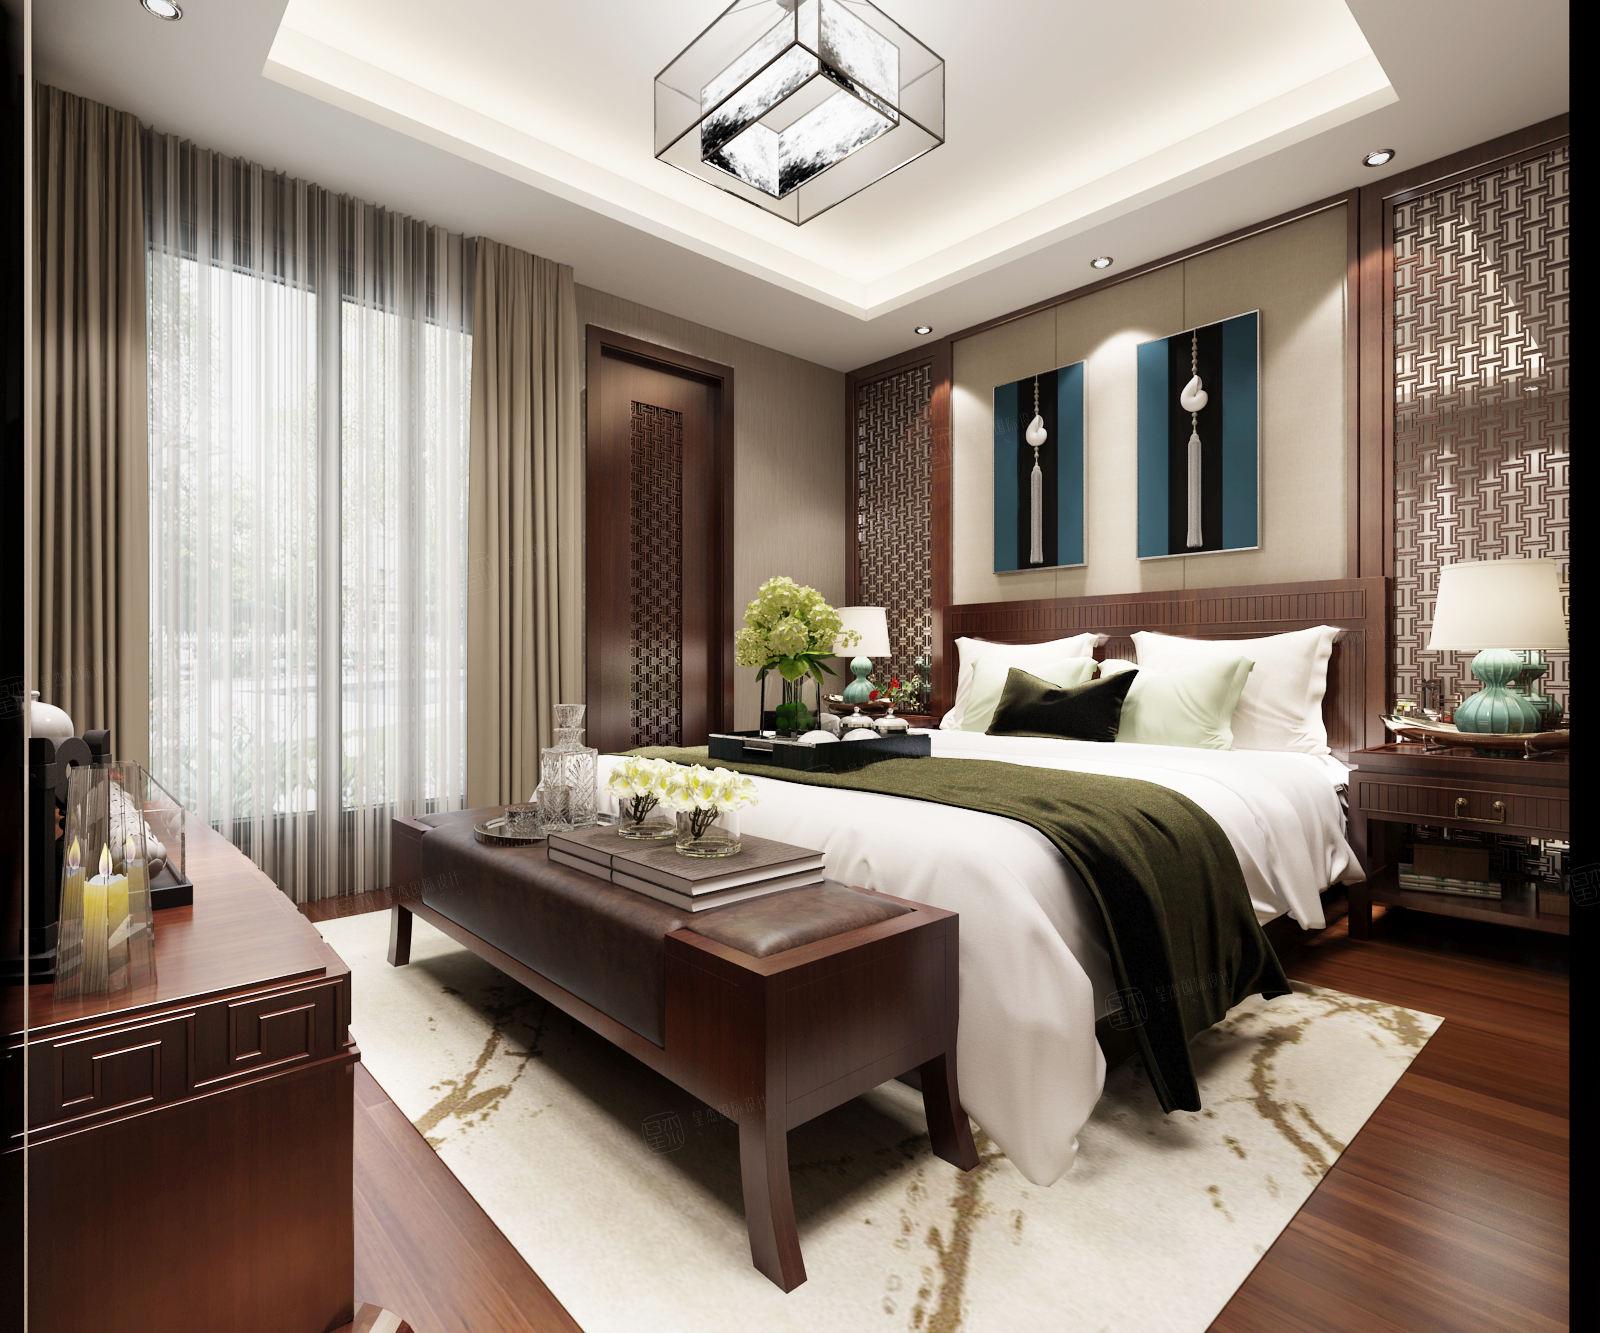 万科蓝山 新中式装修卧室效果图